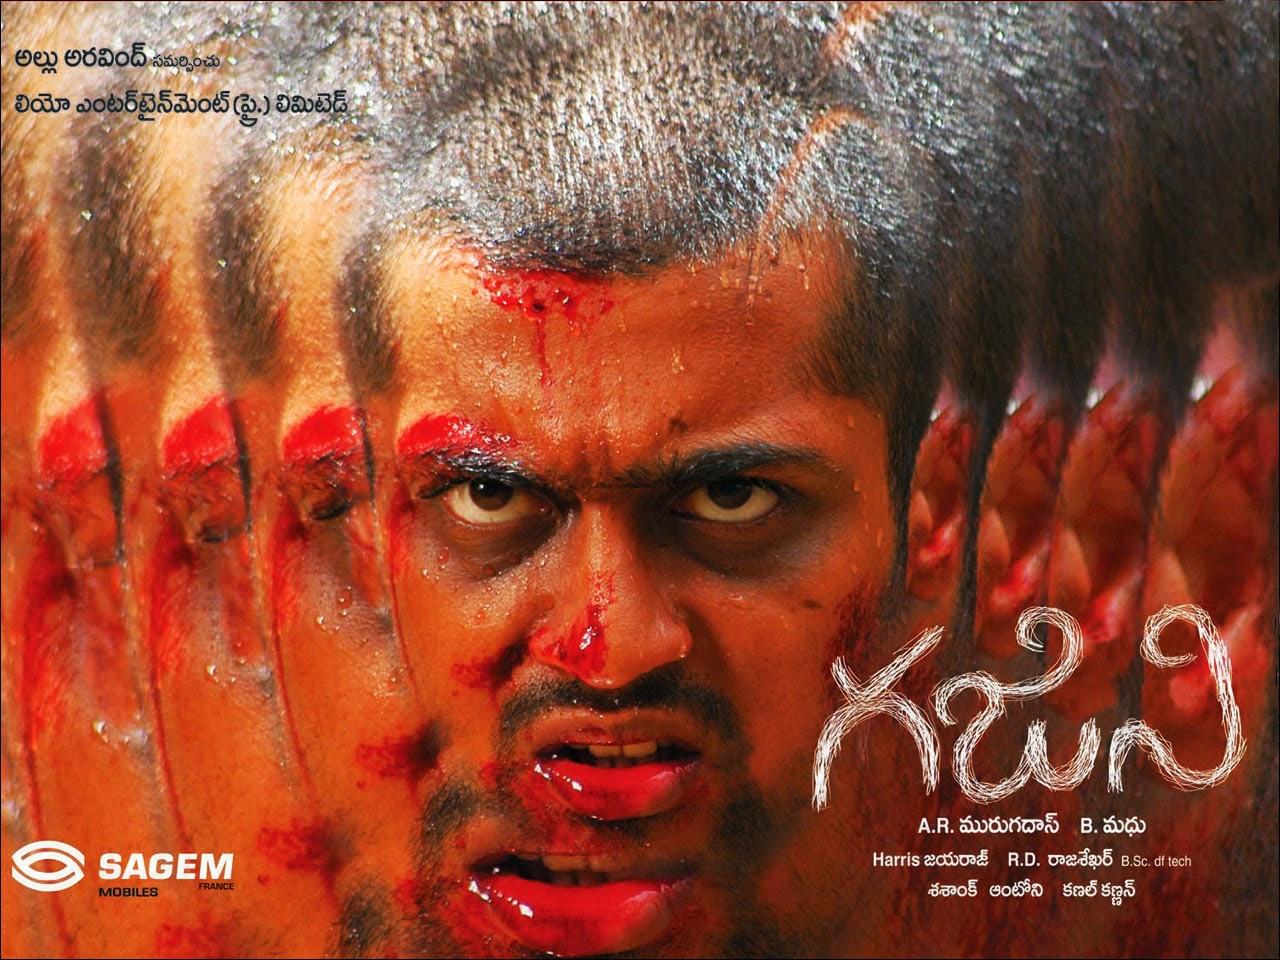 Suriya Movie Stills Photos Wallpapers: Ghajini Telugu Movie Firstlook Posters Wallpapers In HD